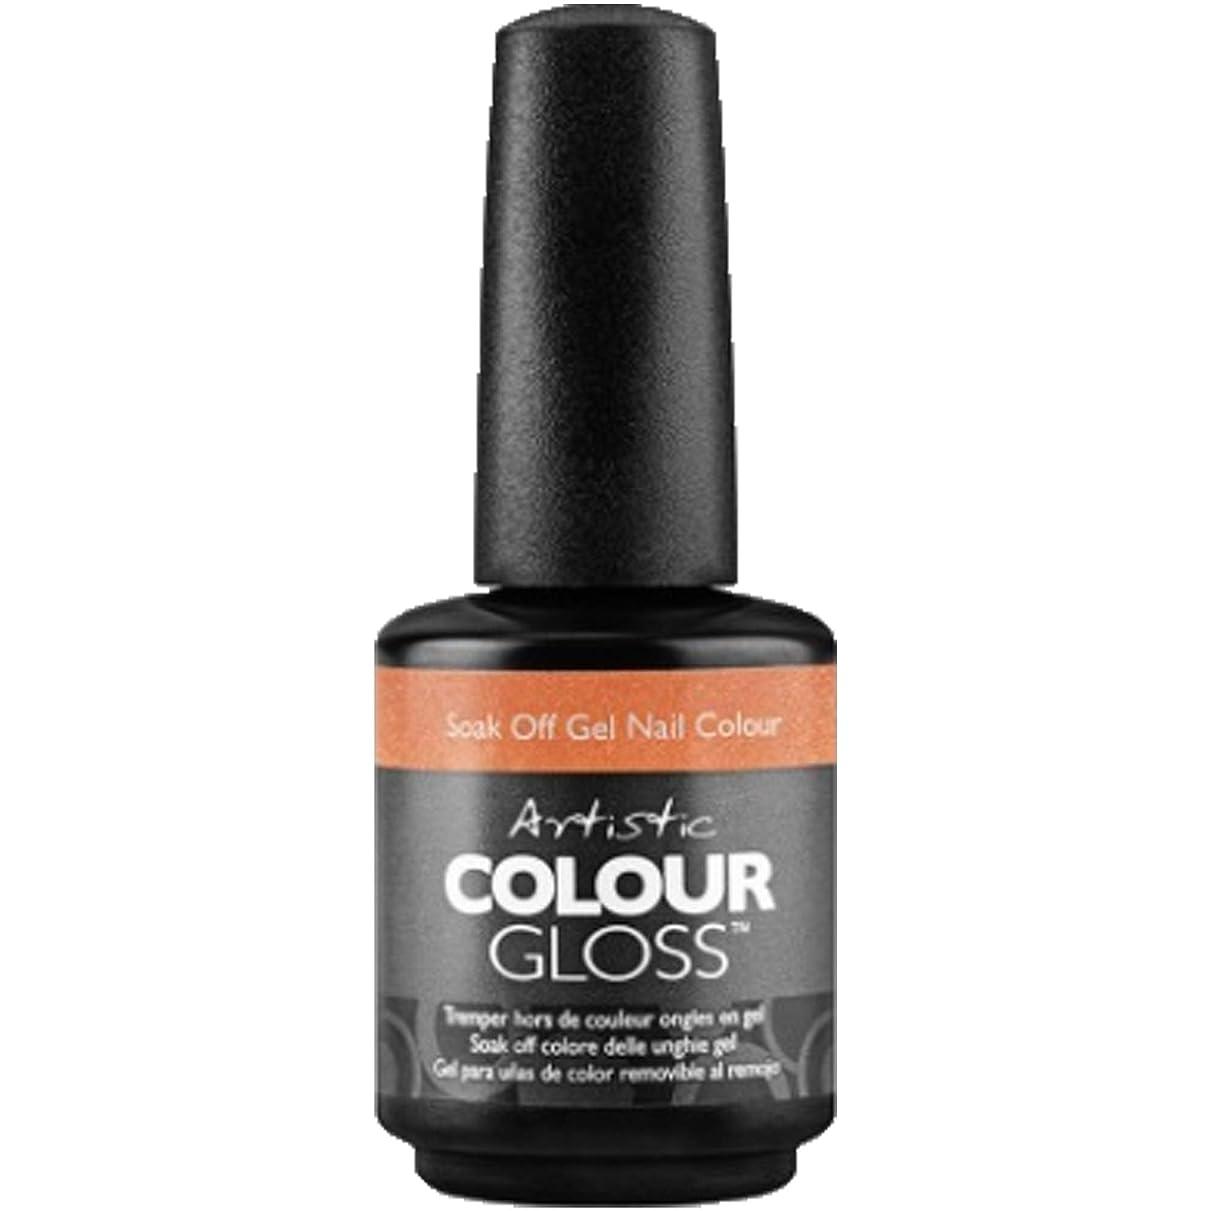 脚本キャプテンブライ環境に優しいArtistic Colour Gloss - You're Not Glistening to Me! - 0.5oz / 15ml